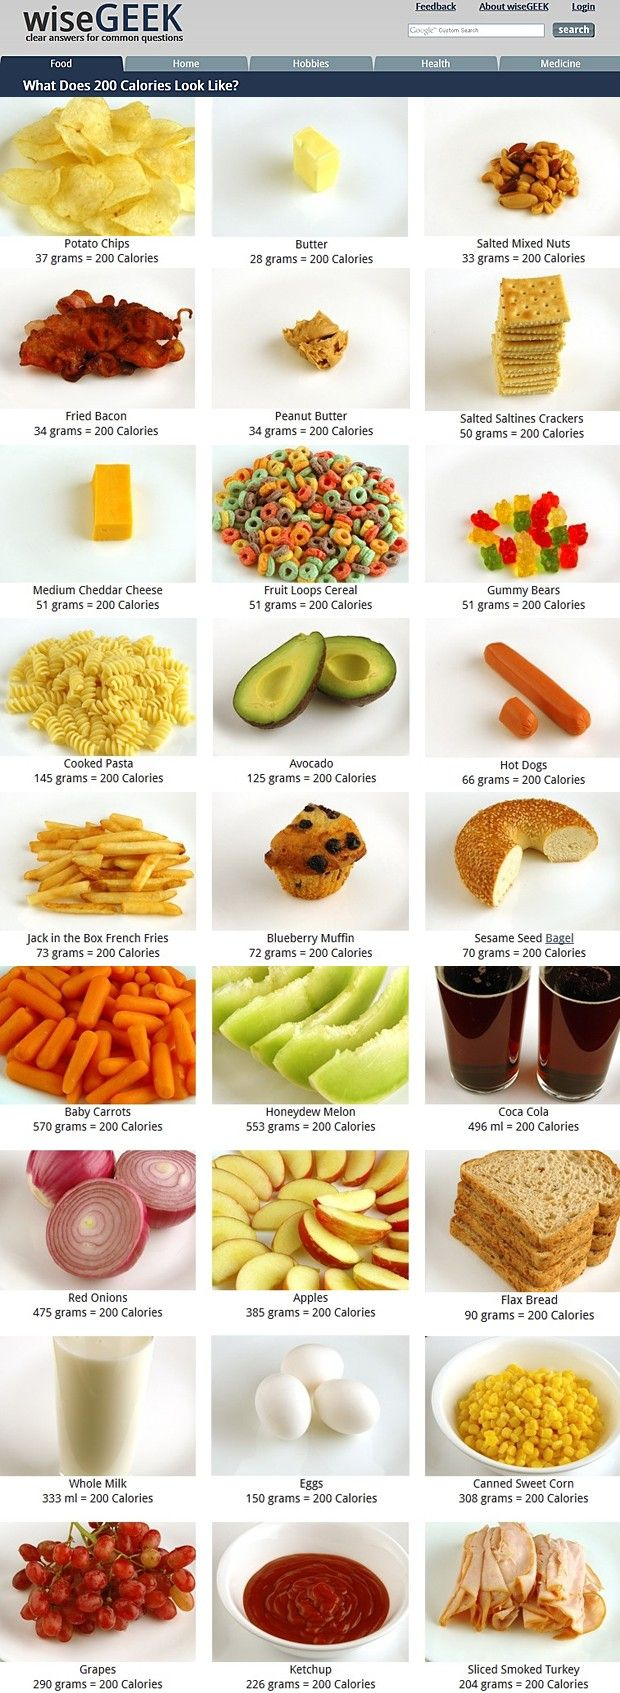 Site americano lista fotos de porções de alimentos com 200 calorias cada Ideia é comparar valor energético dos produtos e fazer trocas intel...